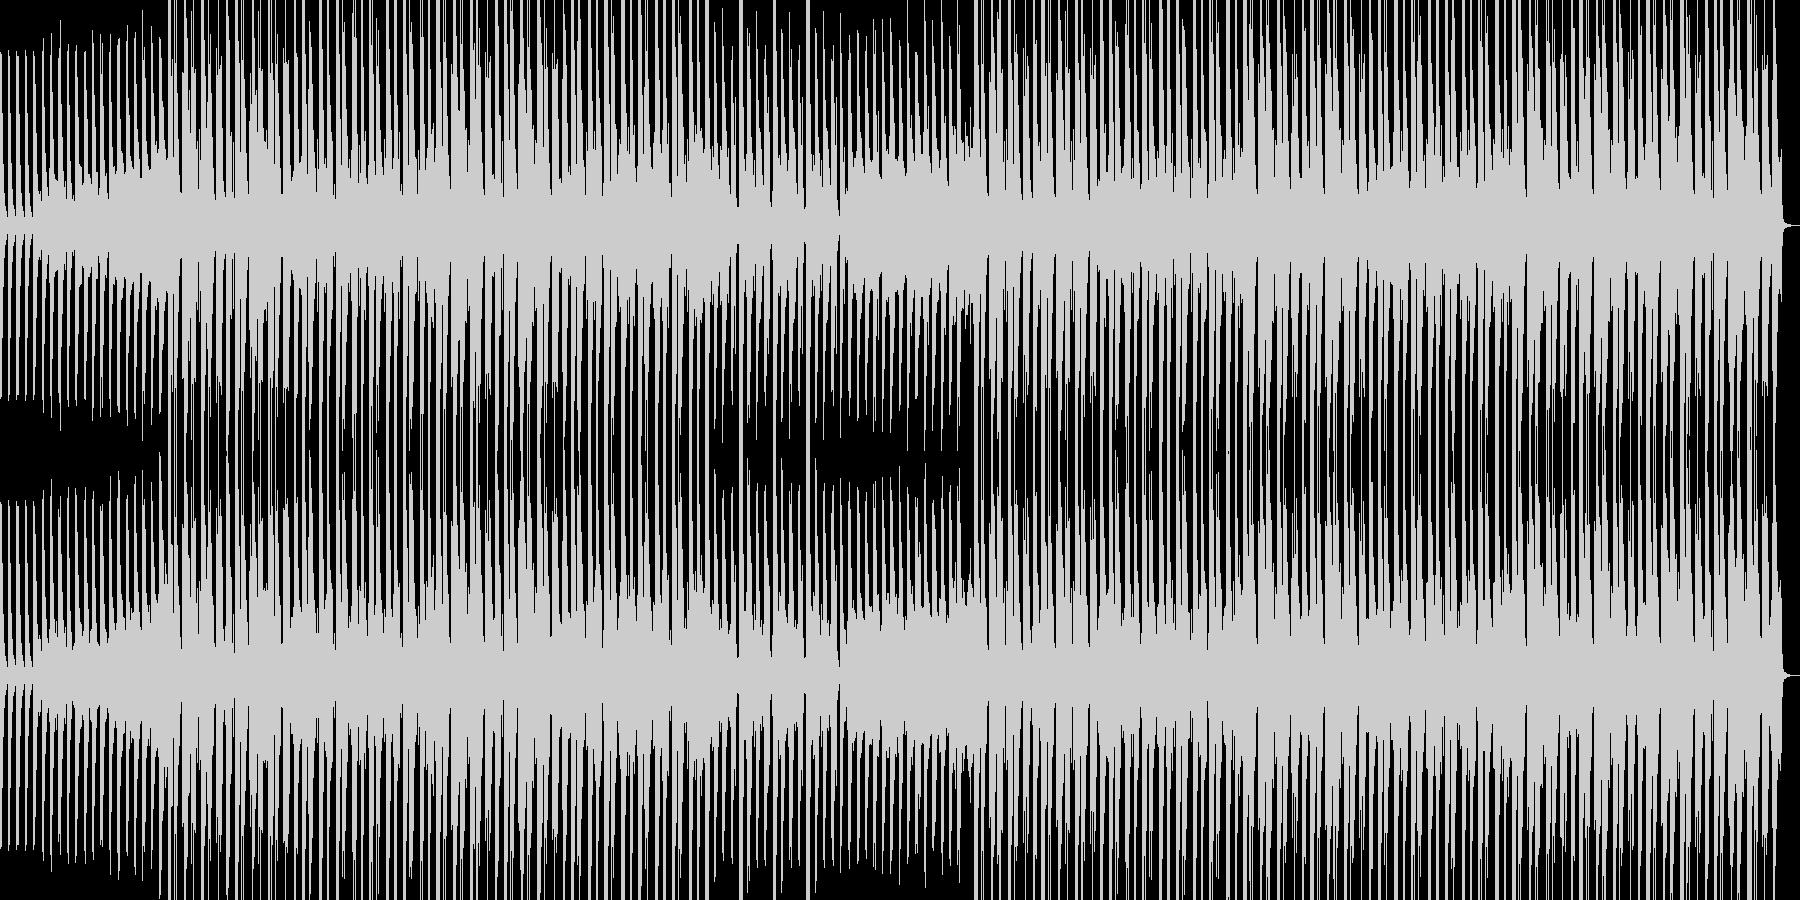 ミディアムテンポな和風ポップスの未再生の波形